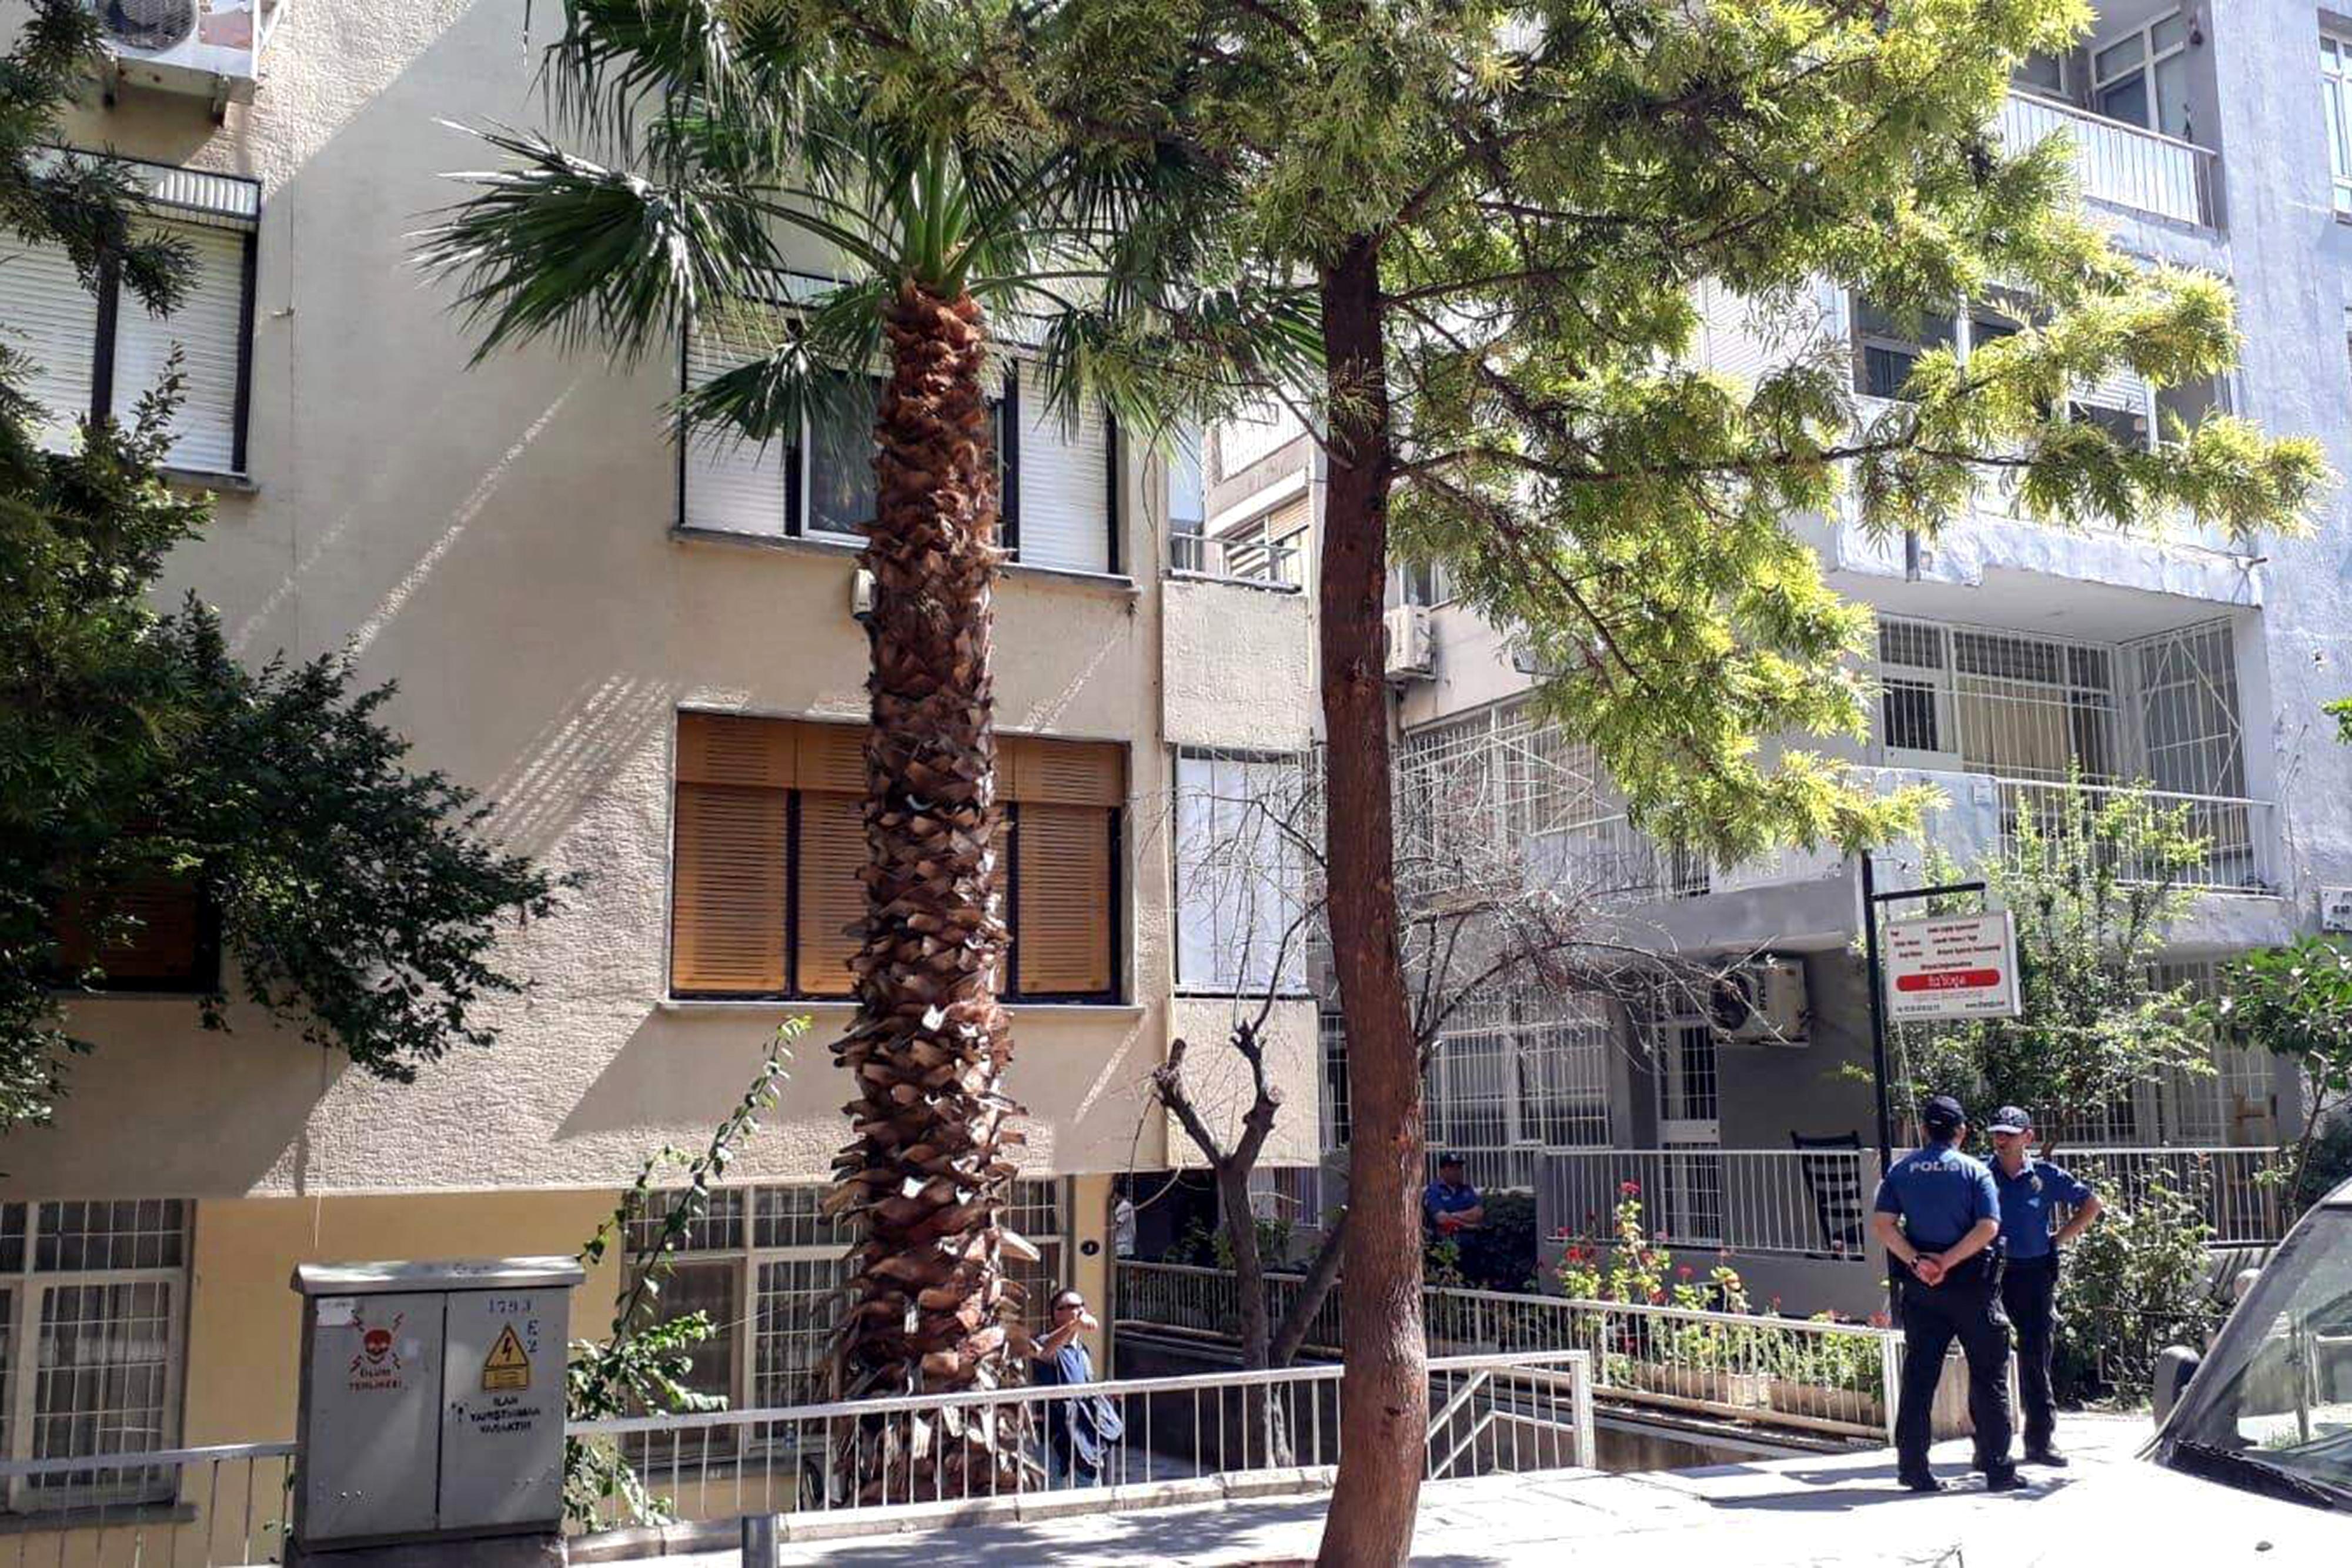 إجراءات أمنية مشددة أمام منزل القس برانسون